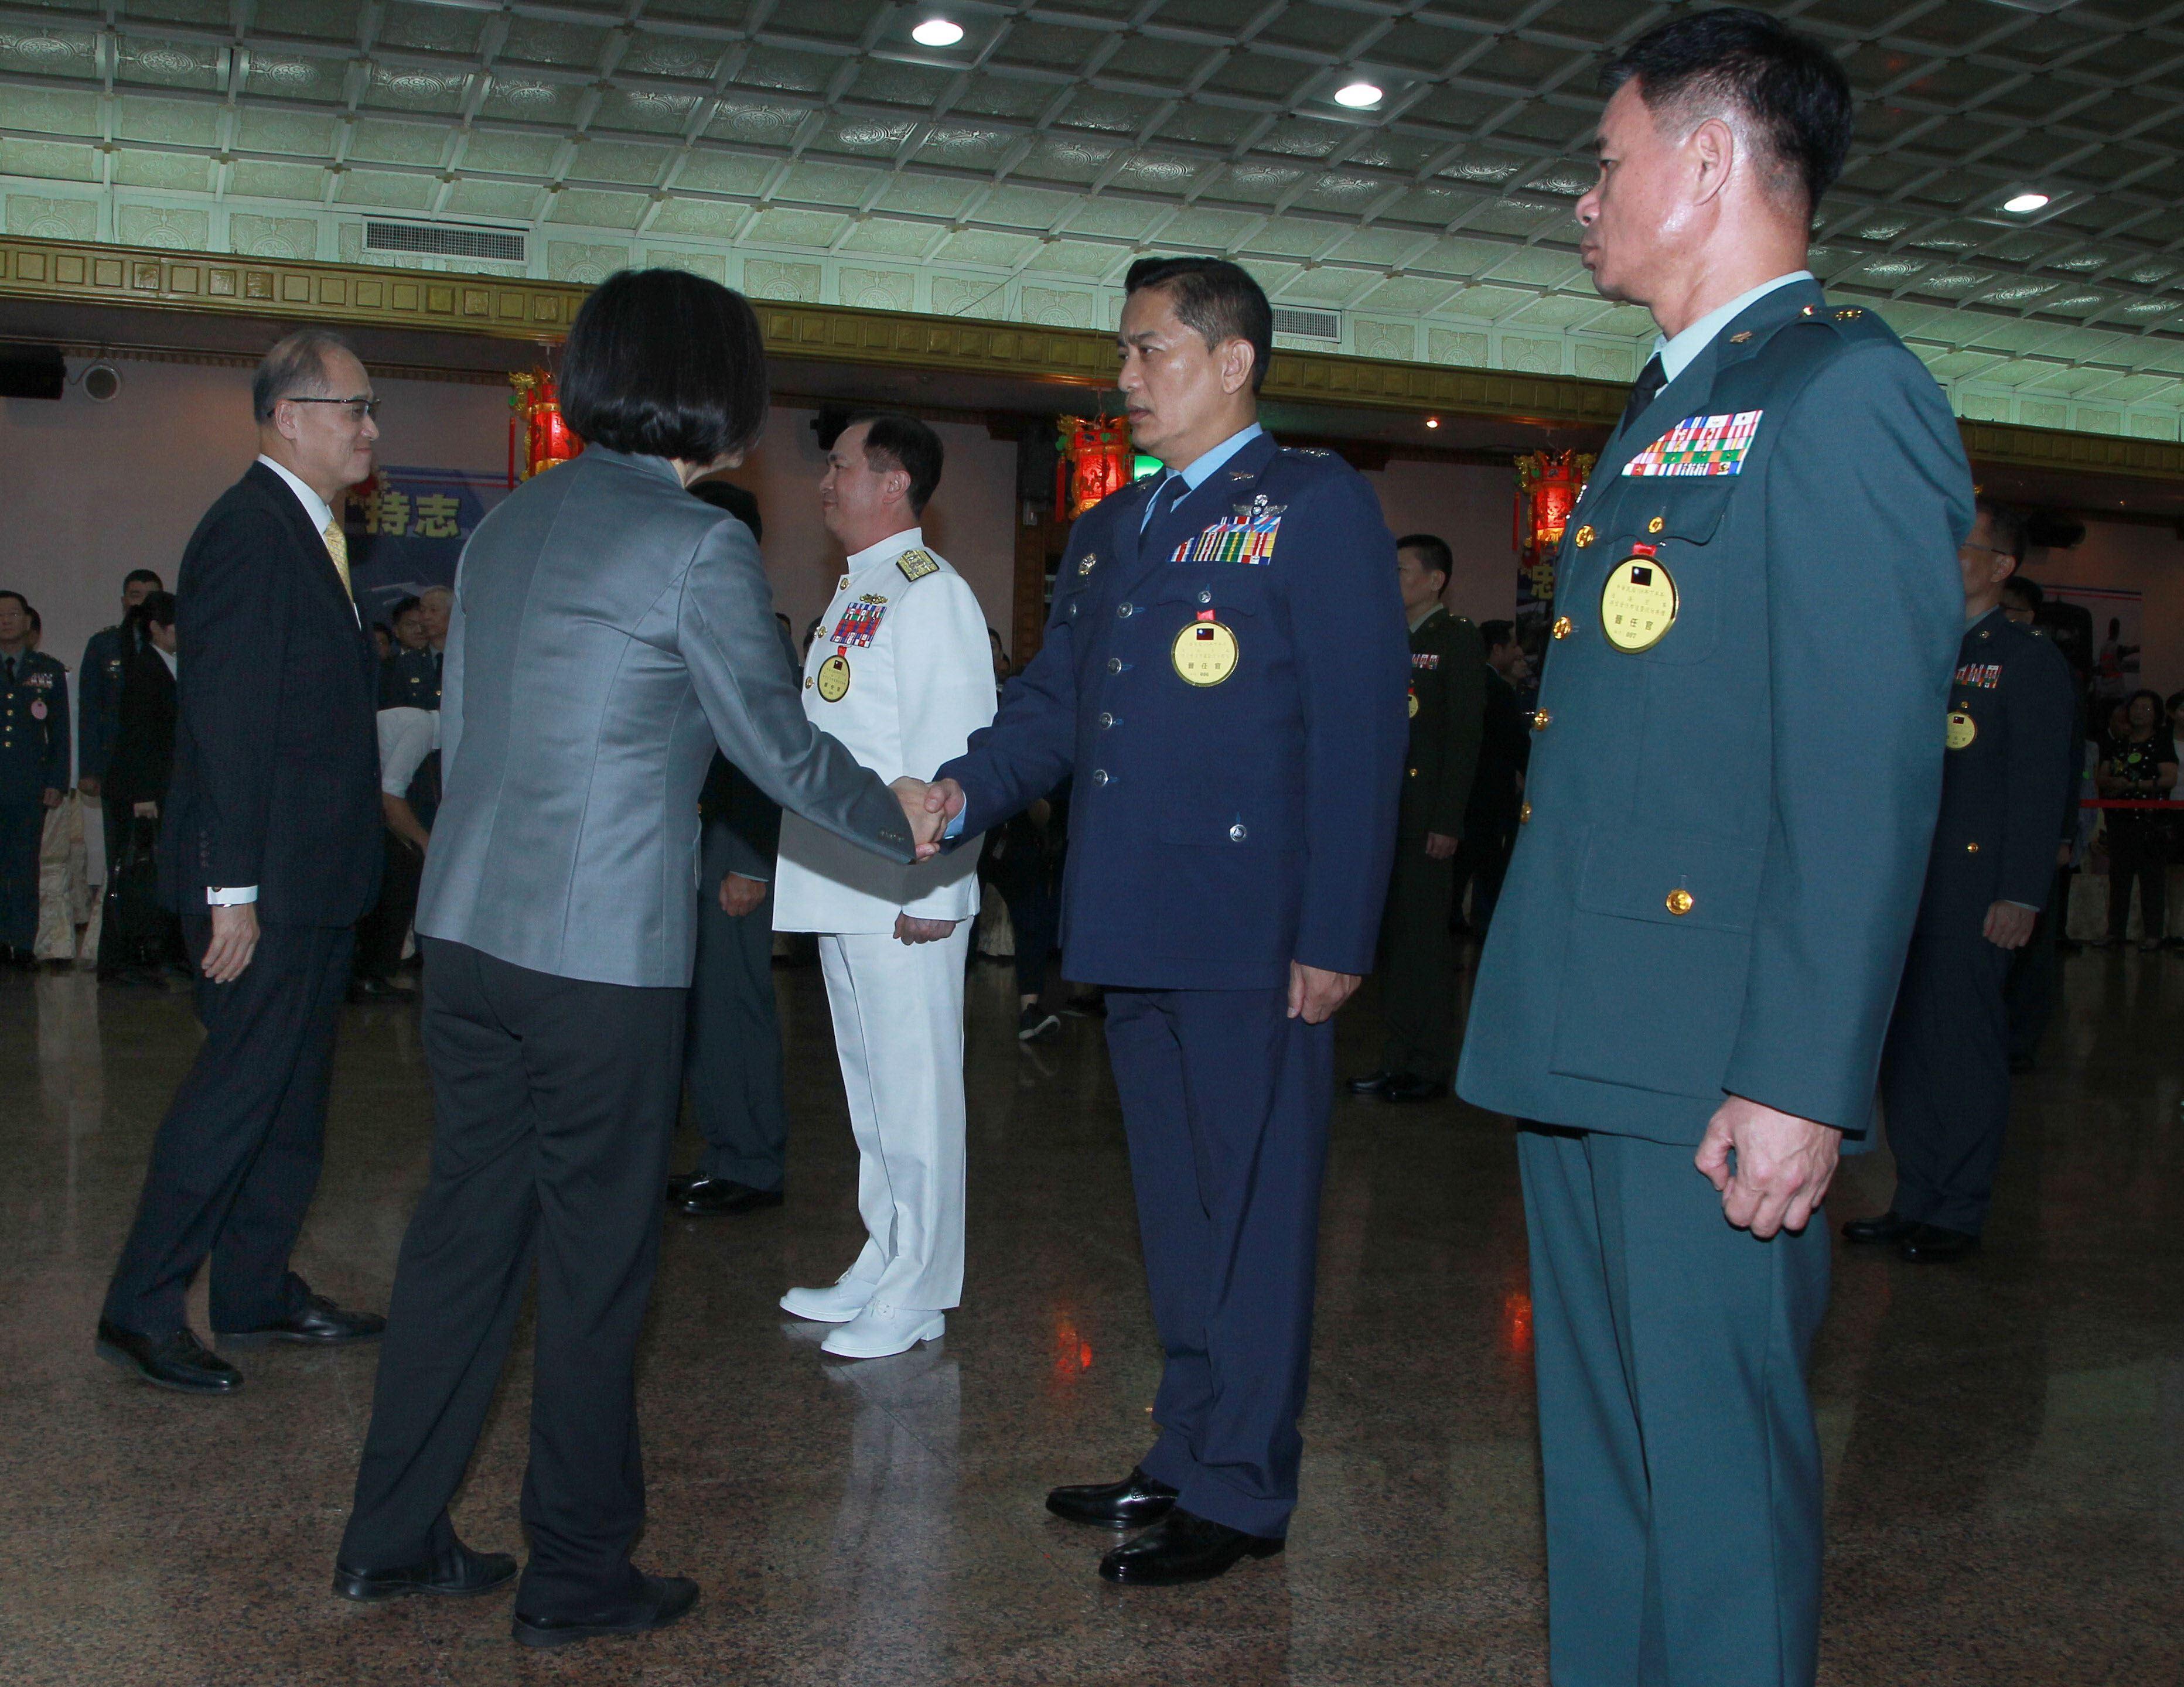 總統蔡英文出席「108年下半年陸海空軍將官晉任布達暨授階典禮」,並向晉升將官及家屬握手致意。(記者邱榮吉/攝影)